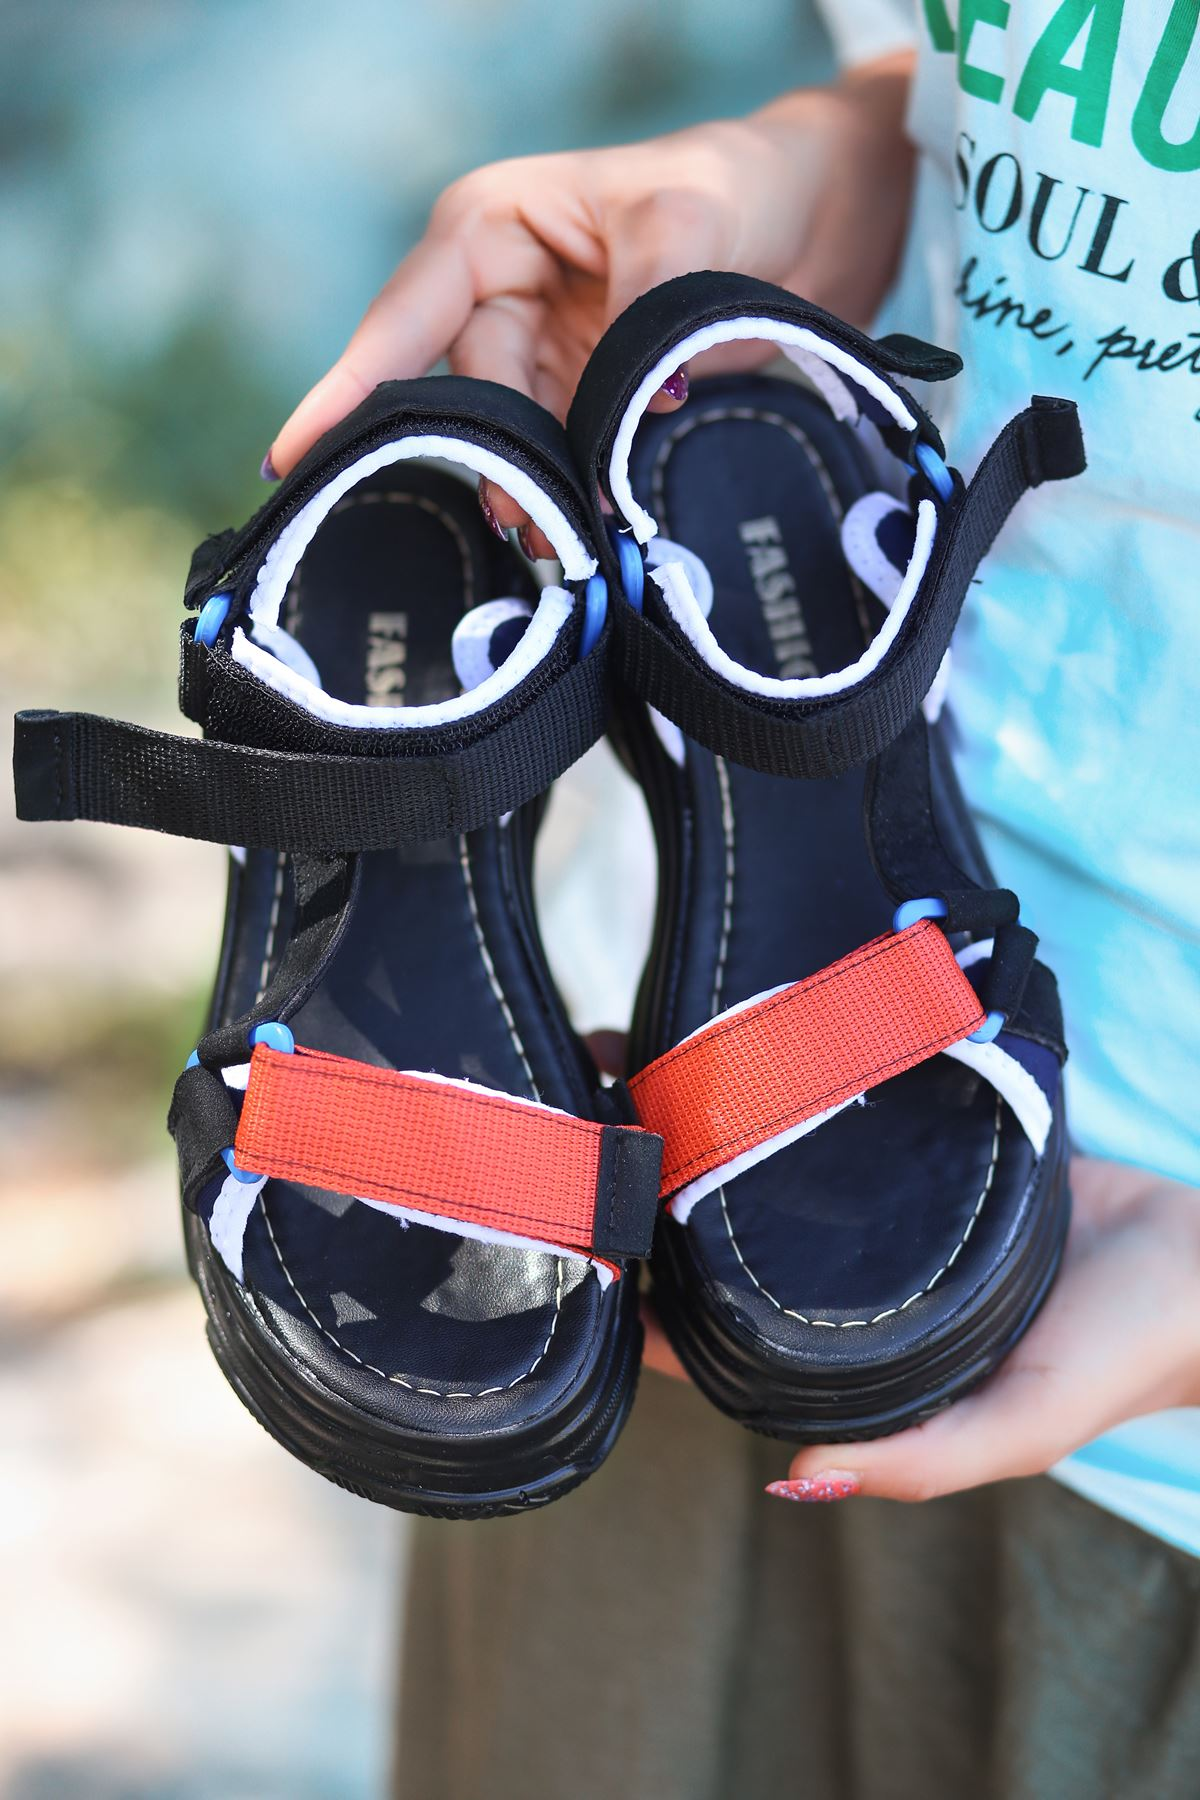 Leon Siyah Turuncu Yüksek Taban Kadın Sandalet